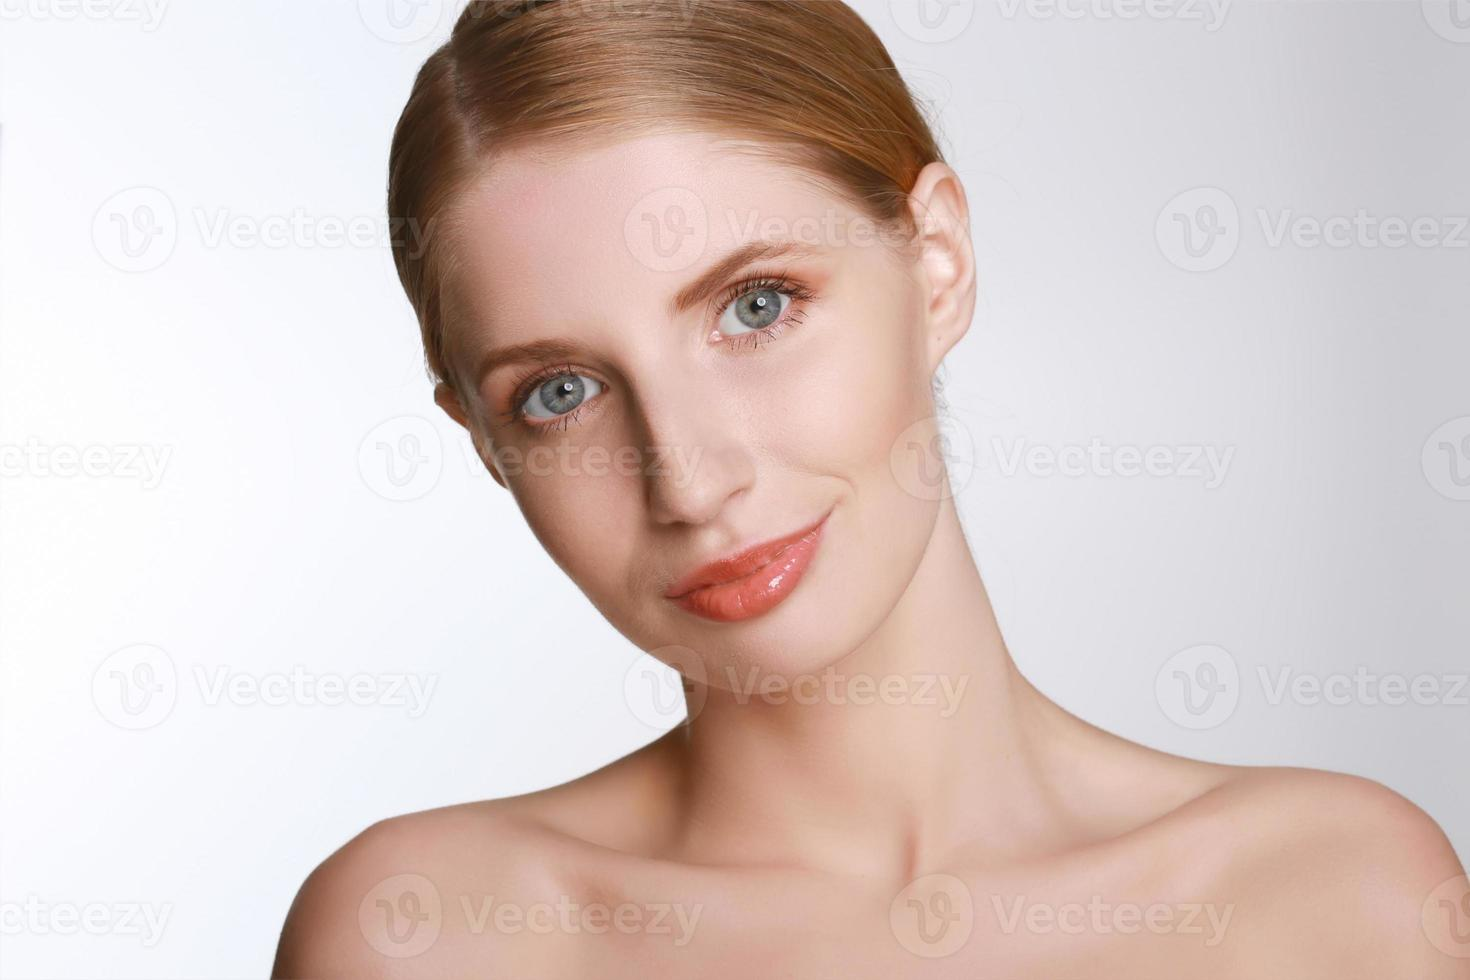 schöne junge Frau, die ihre Haut berührt foto